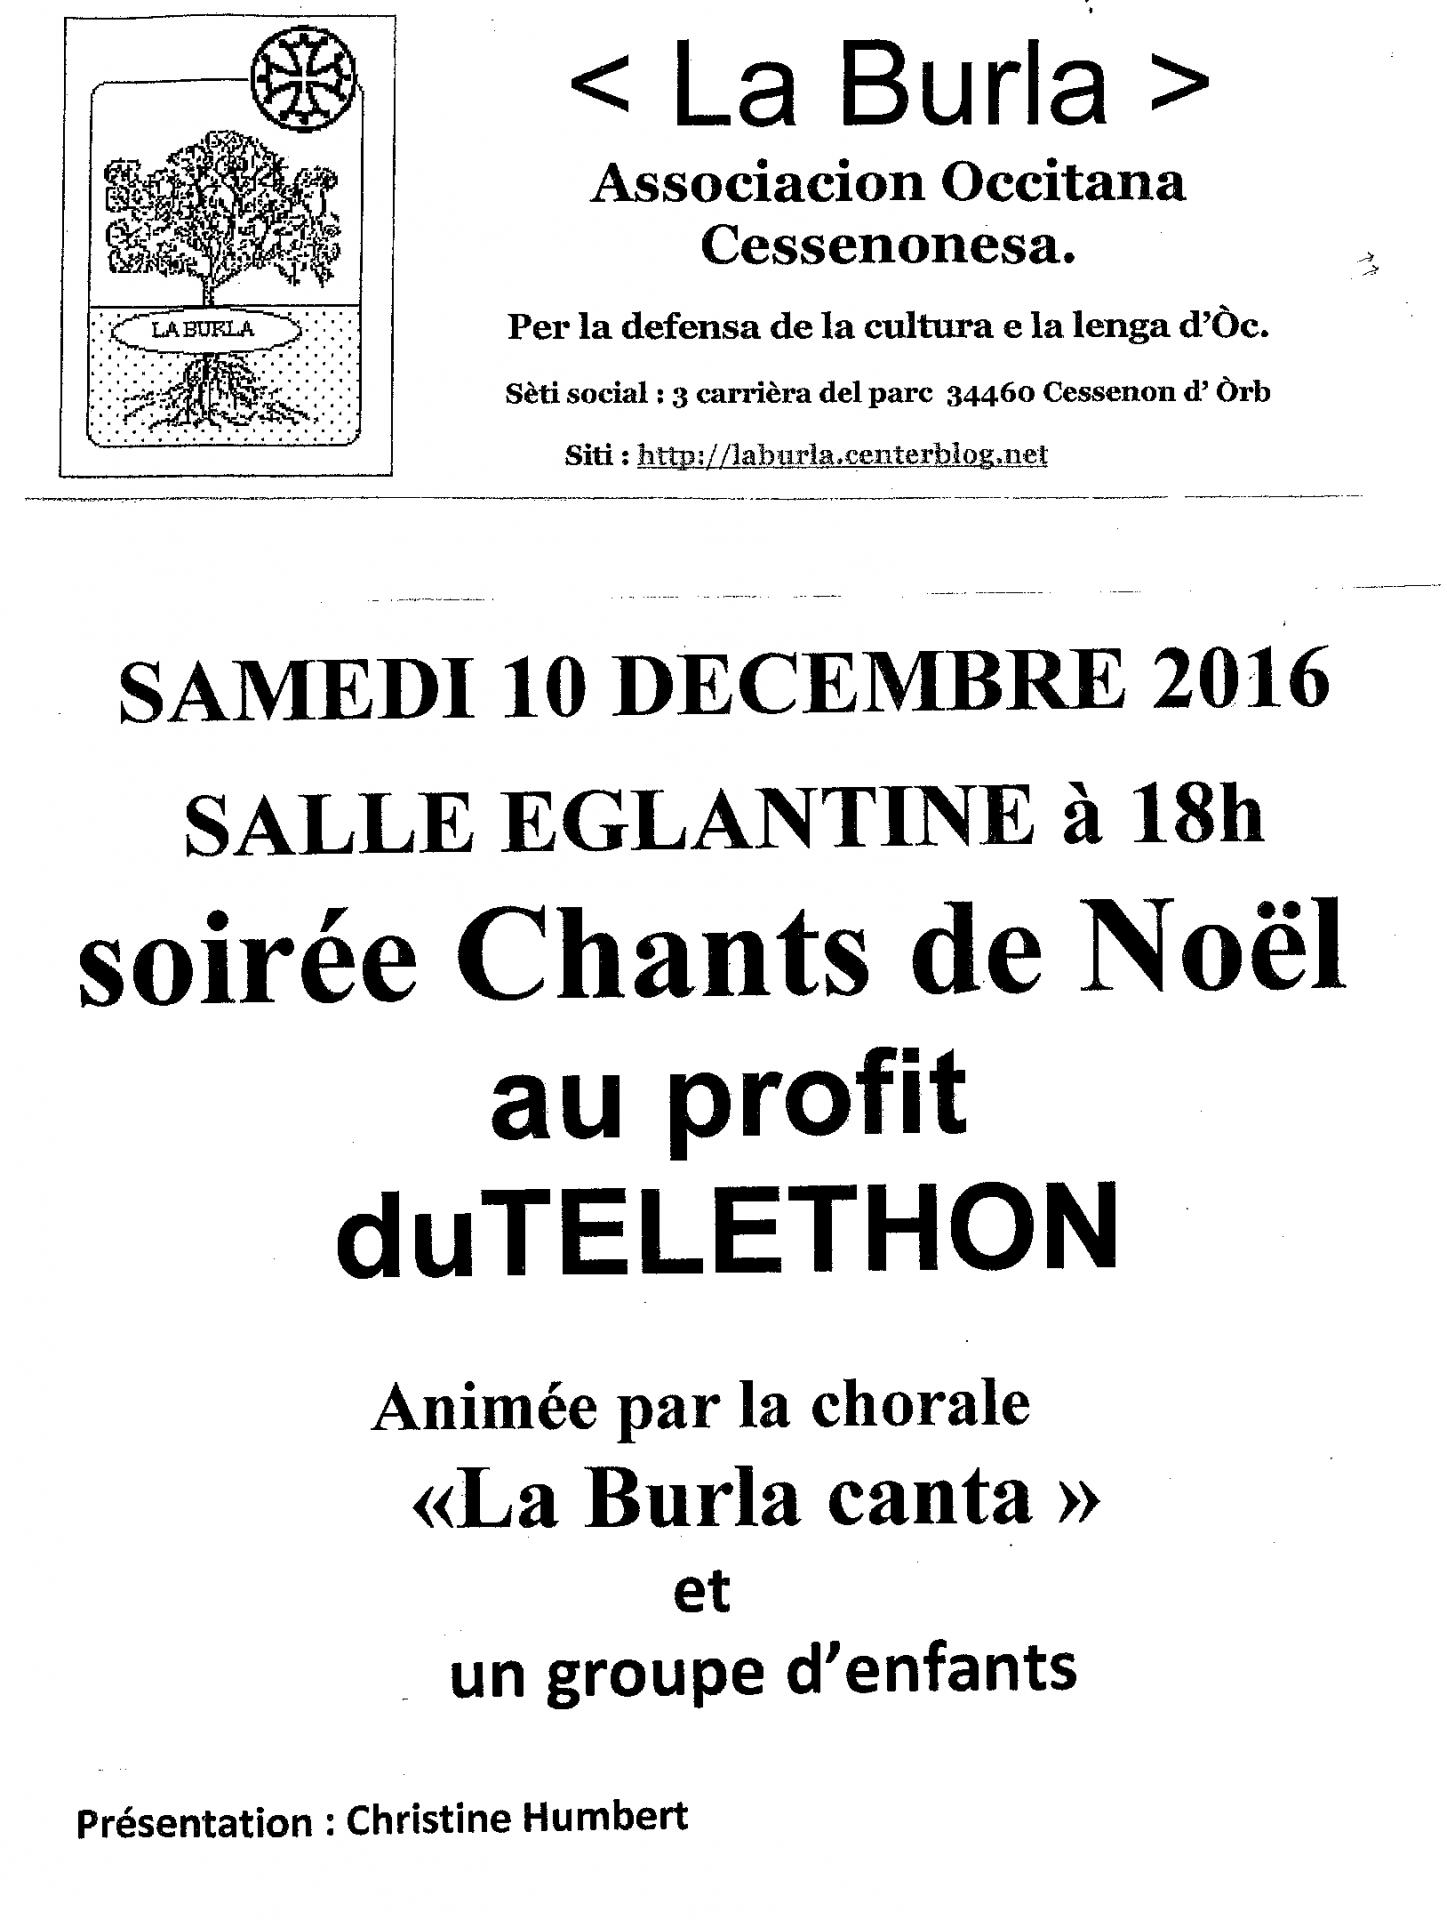 2016 12 10 soiree chants de noel